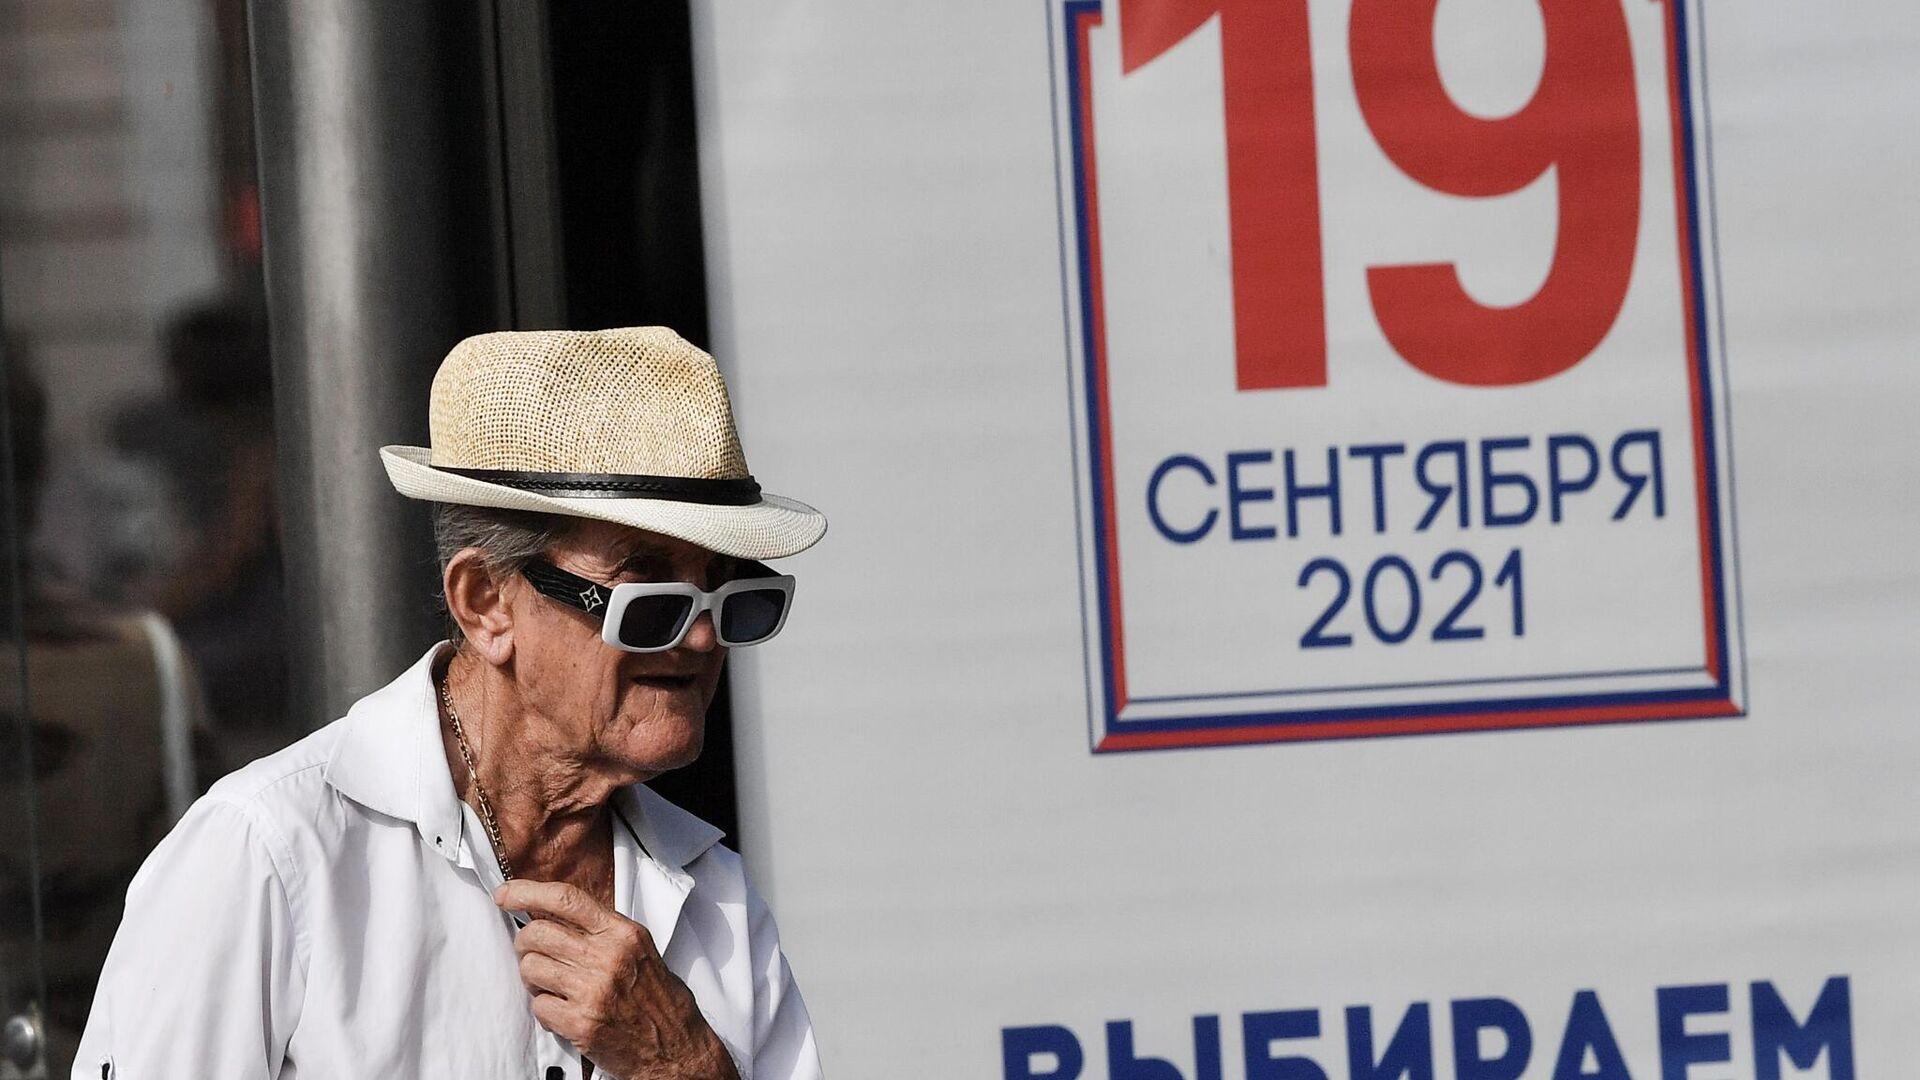 Предвыборная агитация в Крыму - РИА Новости, 1920, 15.09.2021